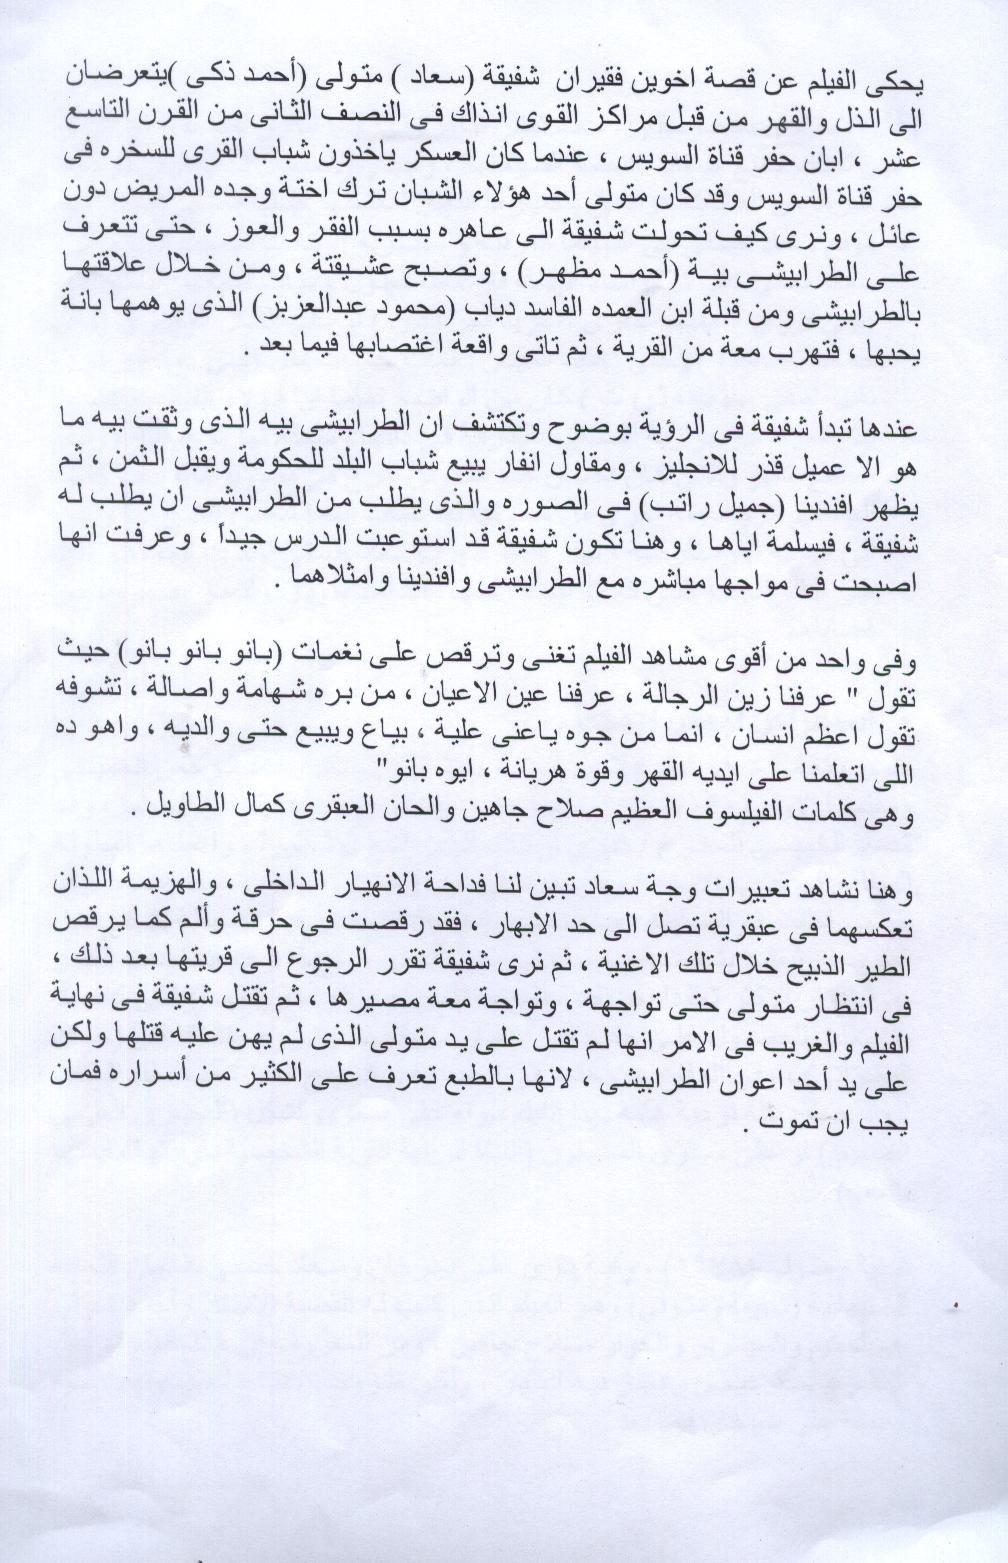 مقال - مقال صحفي : قصة حياة سعاد حسني .. مأخوذة من أحد الكتب 2006 (؟) م Oani3r